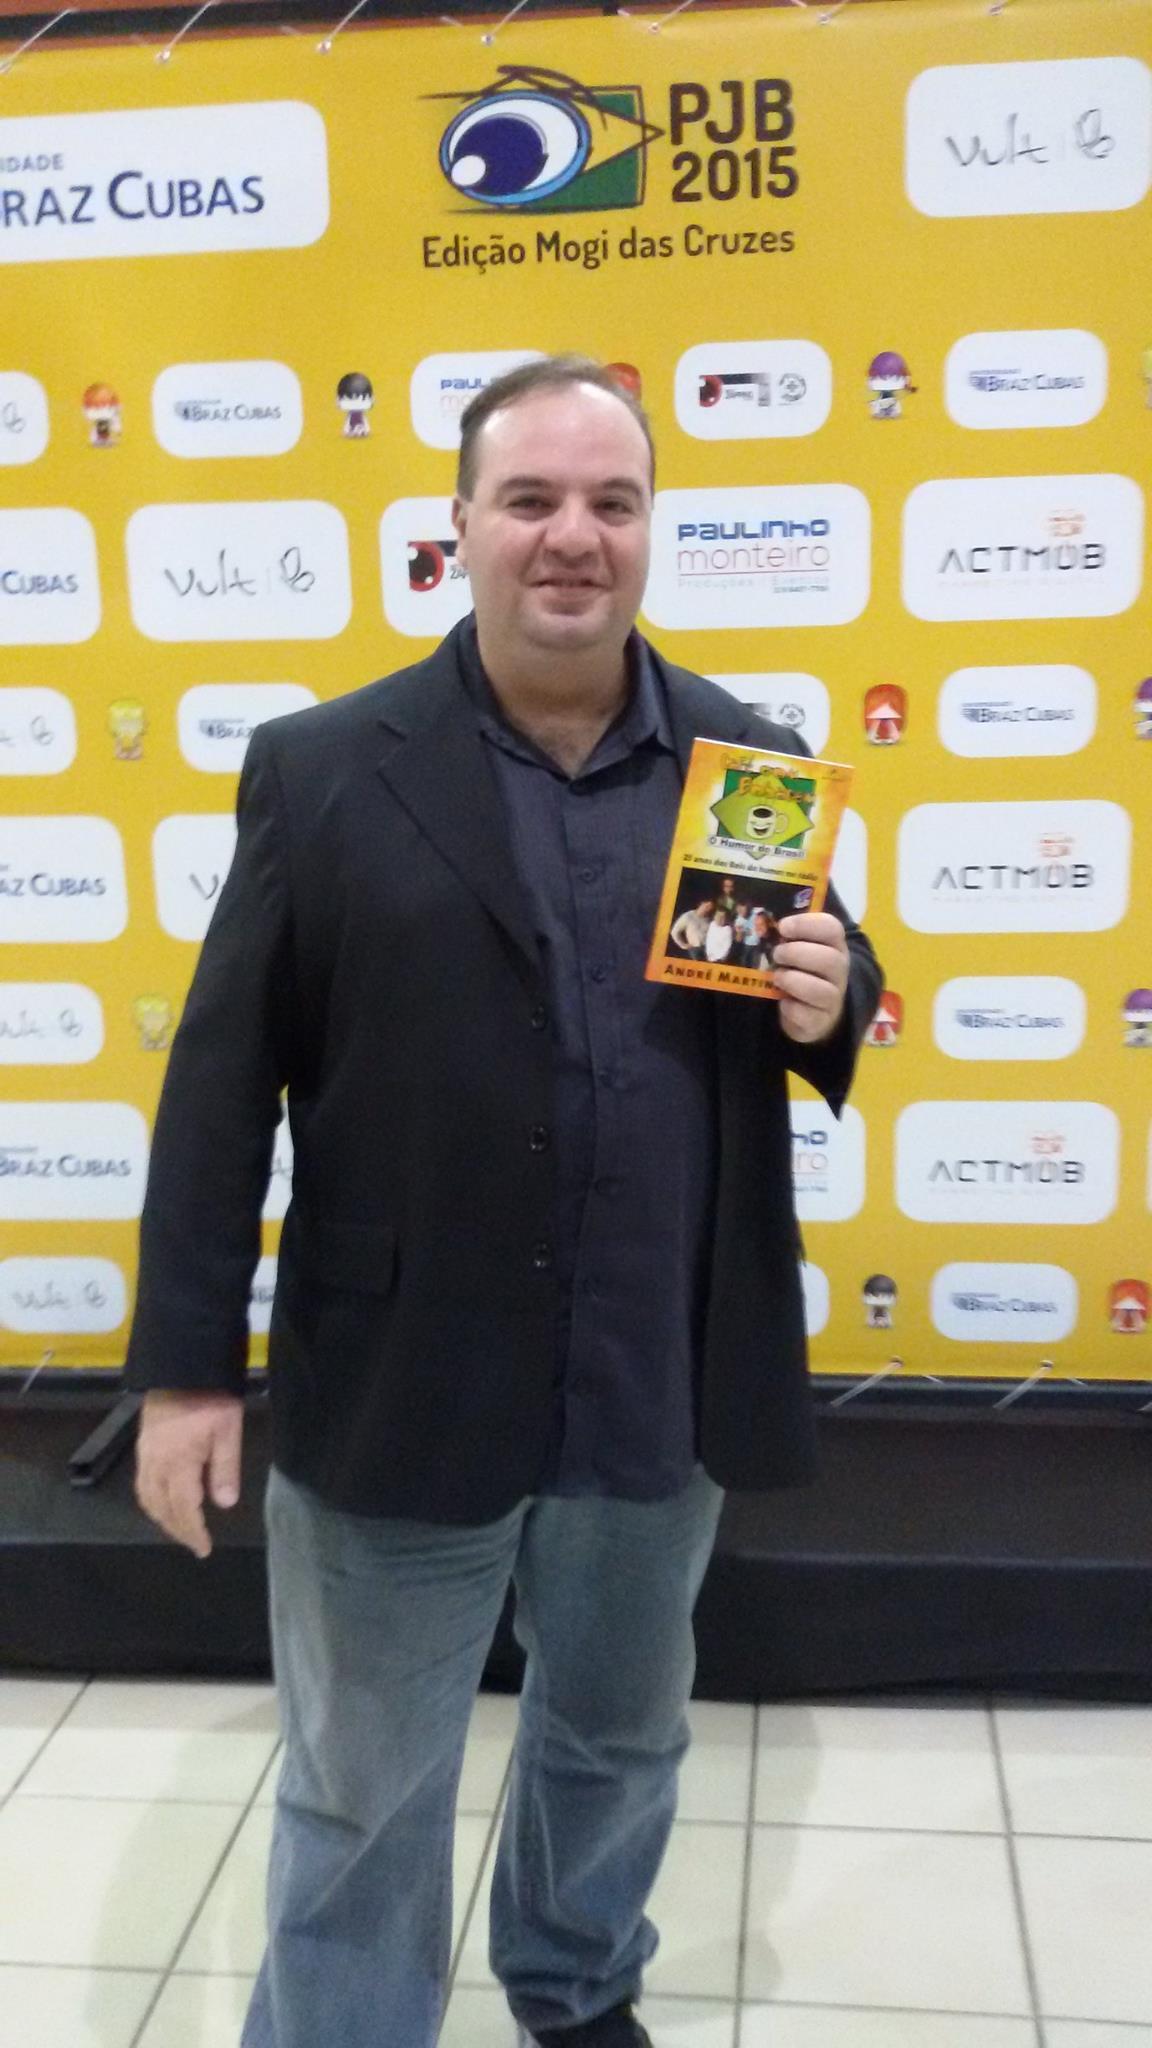 Foto ilustrando o recebimento do quinto premio